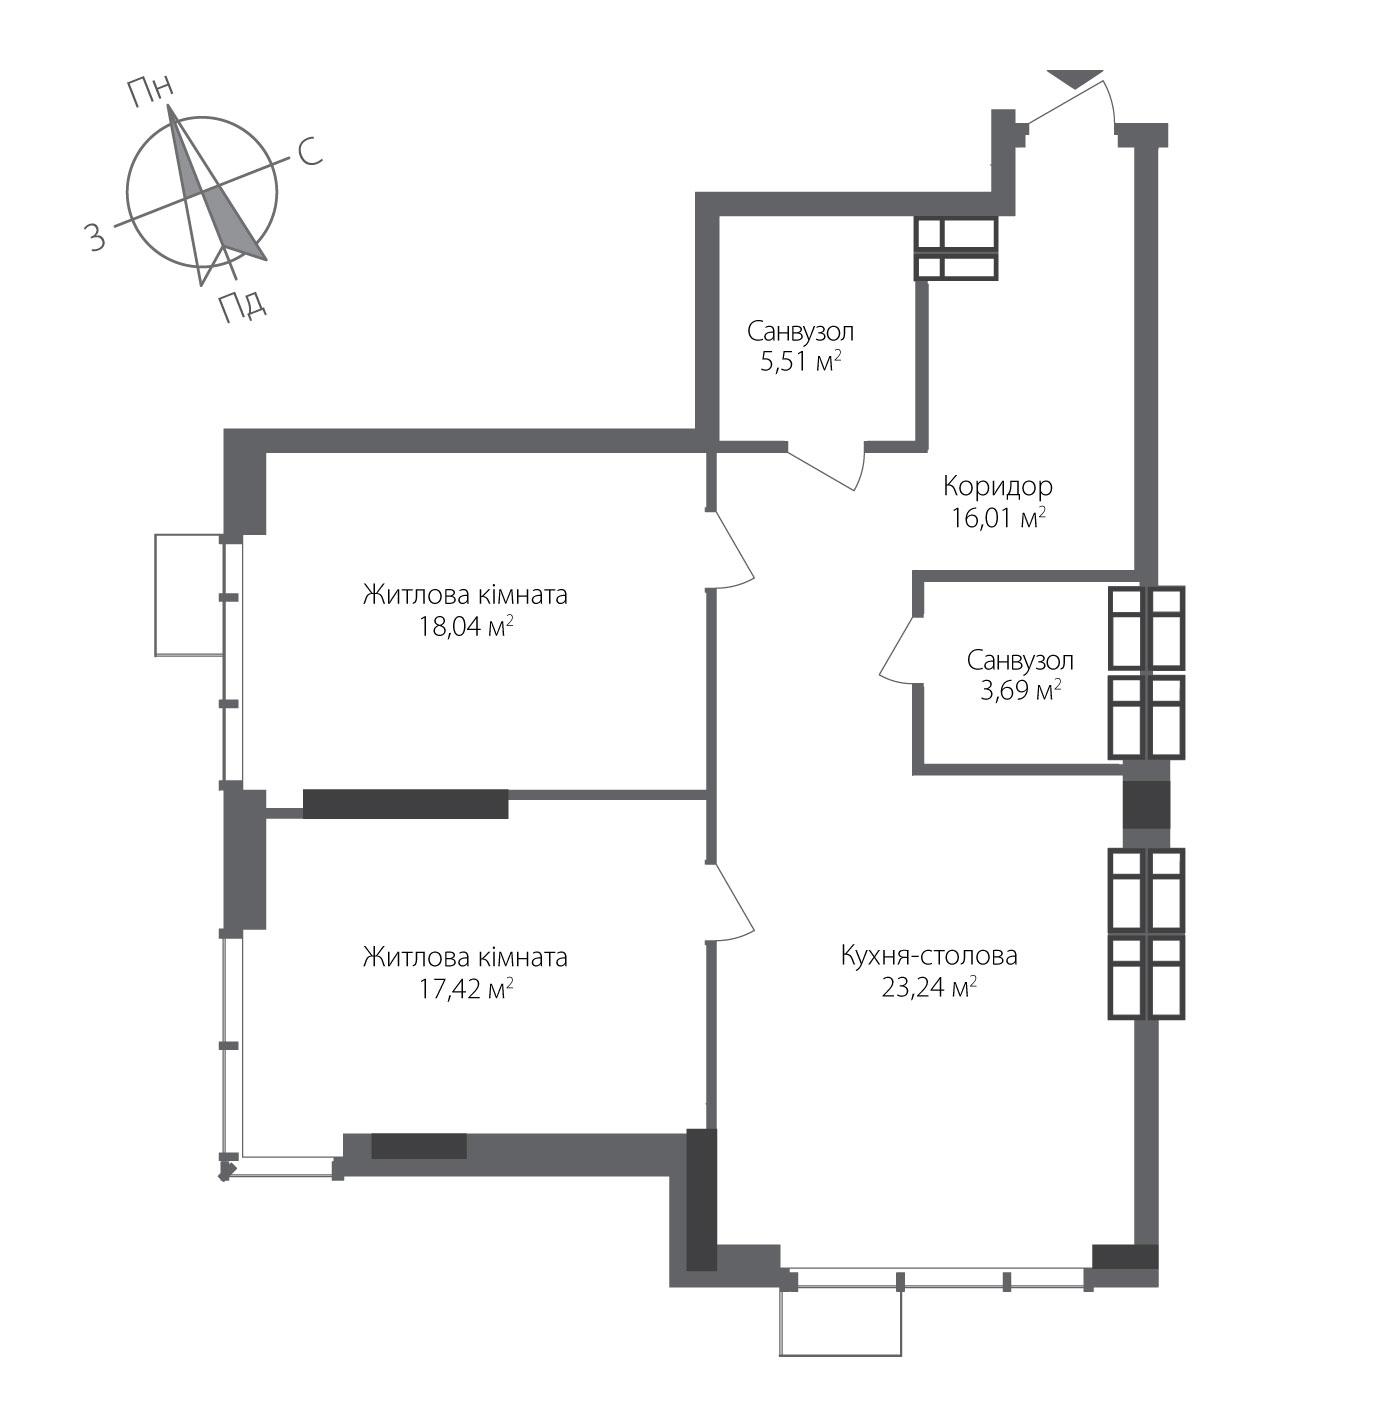 Двухкомнатная квартира в ЖК RiverStone Номер квартиры №23, Дом 8, Этаж 23, Полная площадь 84,00